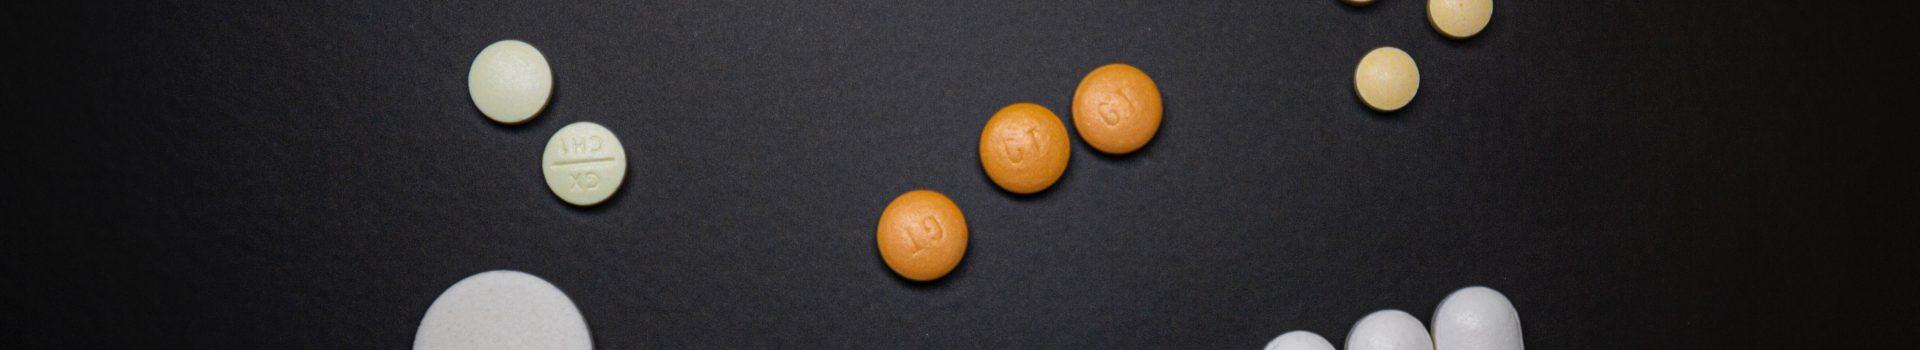 VIPP Farmacie gaat digitale medicatieoverdracht en veiligere patiëntenzorg mogelijk maken